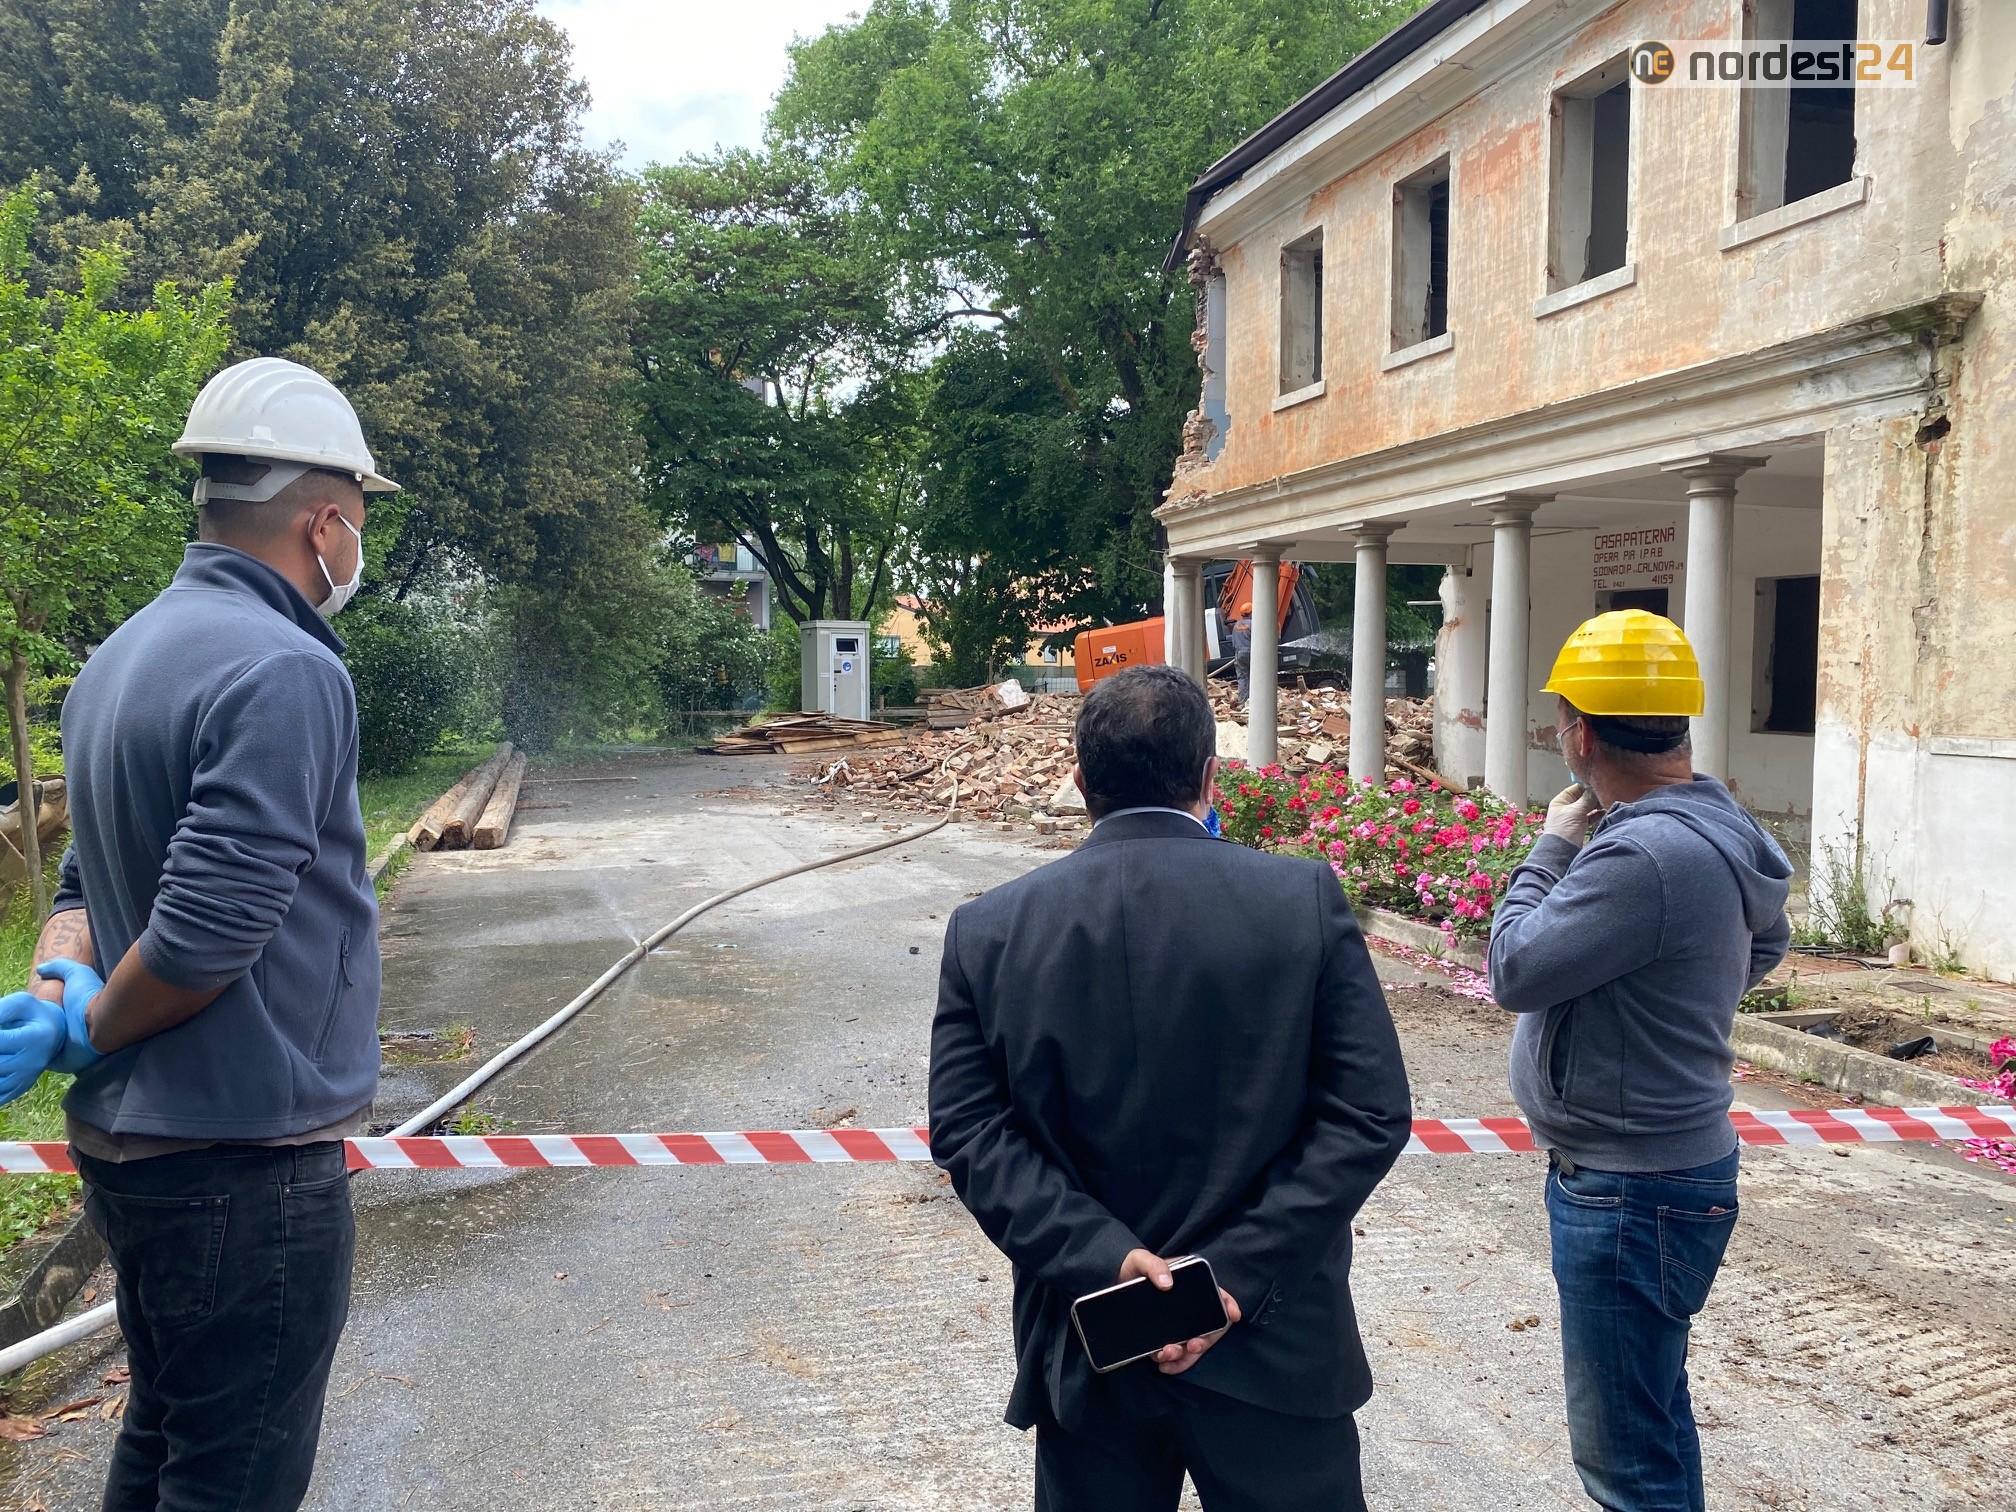 Imprese Edili Nel Veneto veneto, ulss4: portogruaro e san donà, lavori in corso per